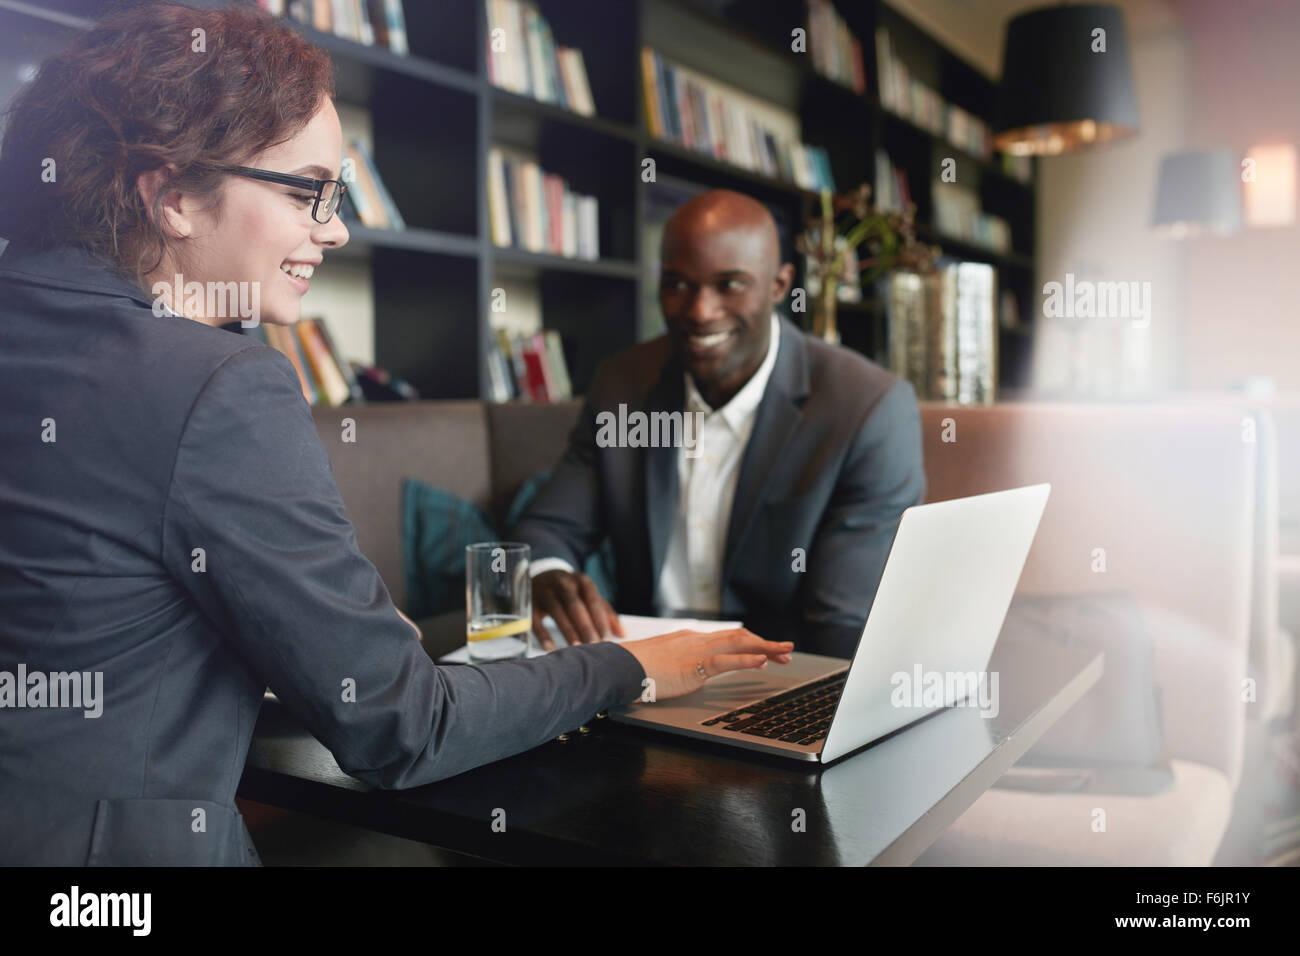 Junge Geschäftsfrau, die Präsentation auf Laptop zu ihrem Geschäftspartner. Glücklich Führungskräfte Stockbild